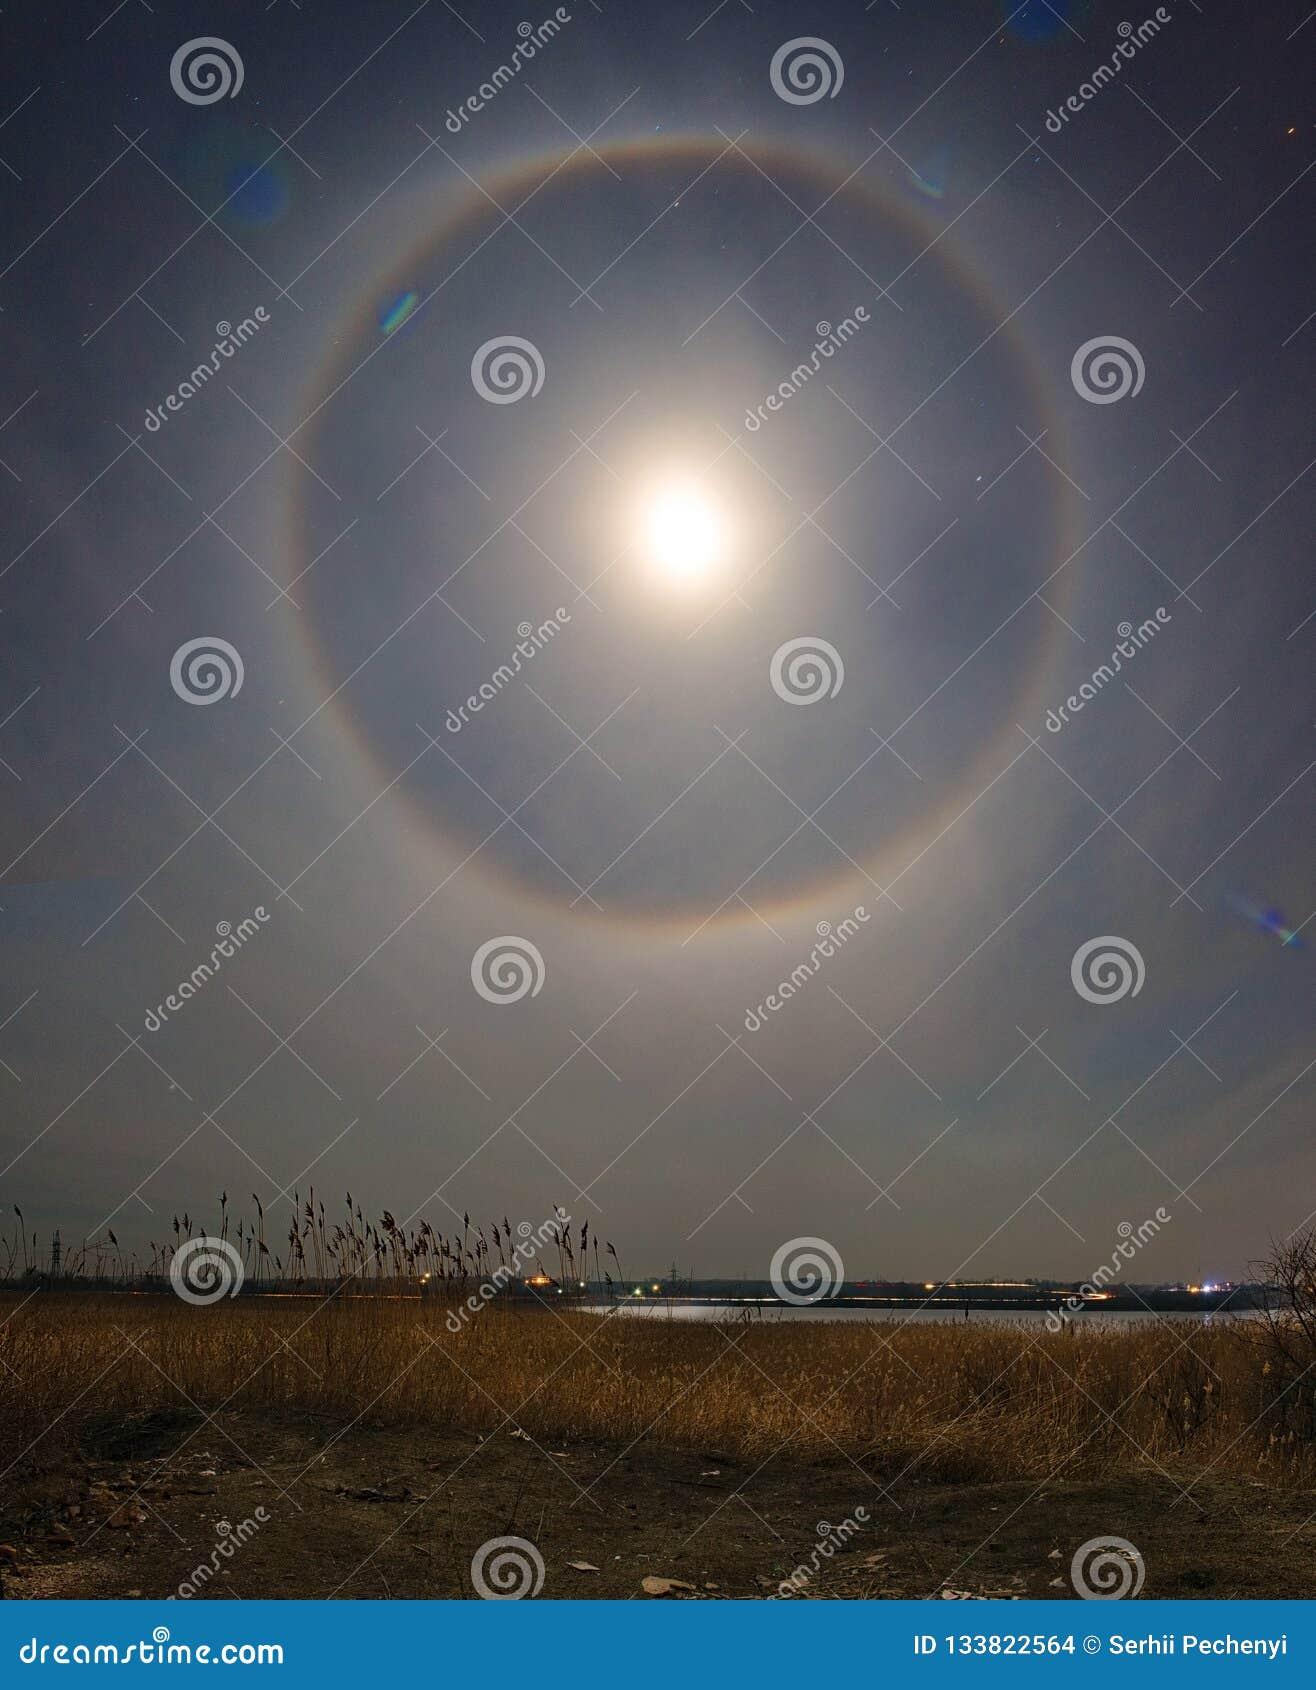 Σεληνιακός φωτοστέφανος πέρα από το τοπίο ricer Βλάστηση καλάμων Τοπίο φωτογραφίας νύχτας